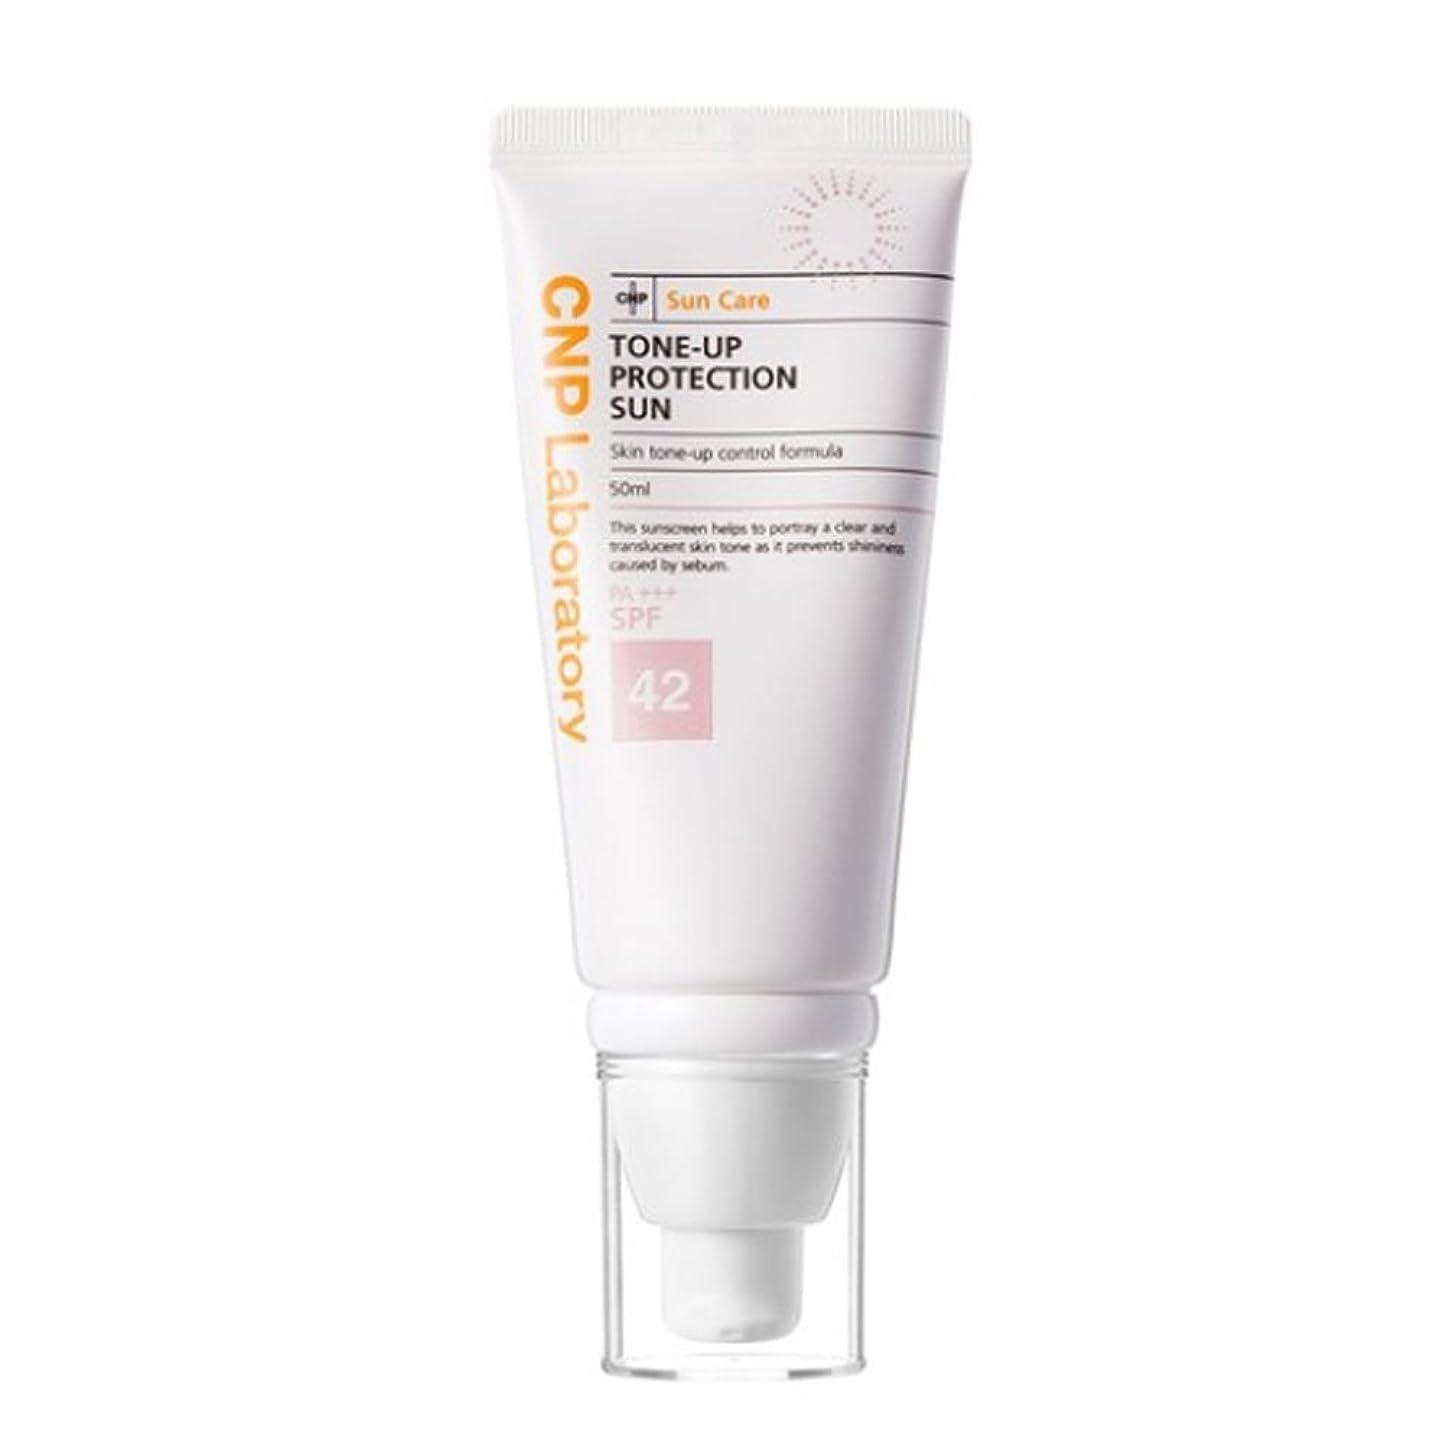 よろしく自慢涙CNPトンオププロテクションサン?クリーム紫外線遮断剤 (SPF42 / PA+++) 50ml、CNP Tone-up Protection Sun Cream (SPF42 / PA+++) 50ml [並行輸入品]